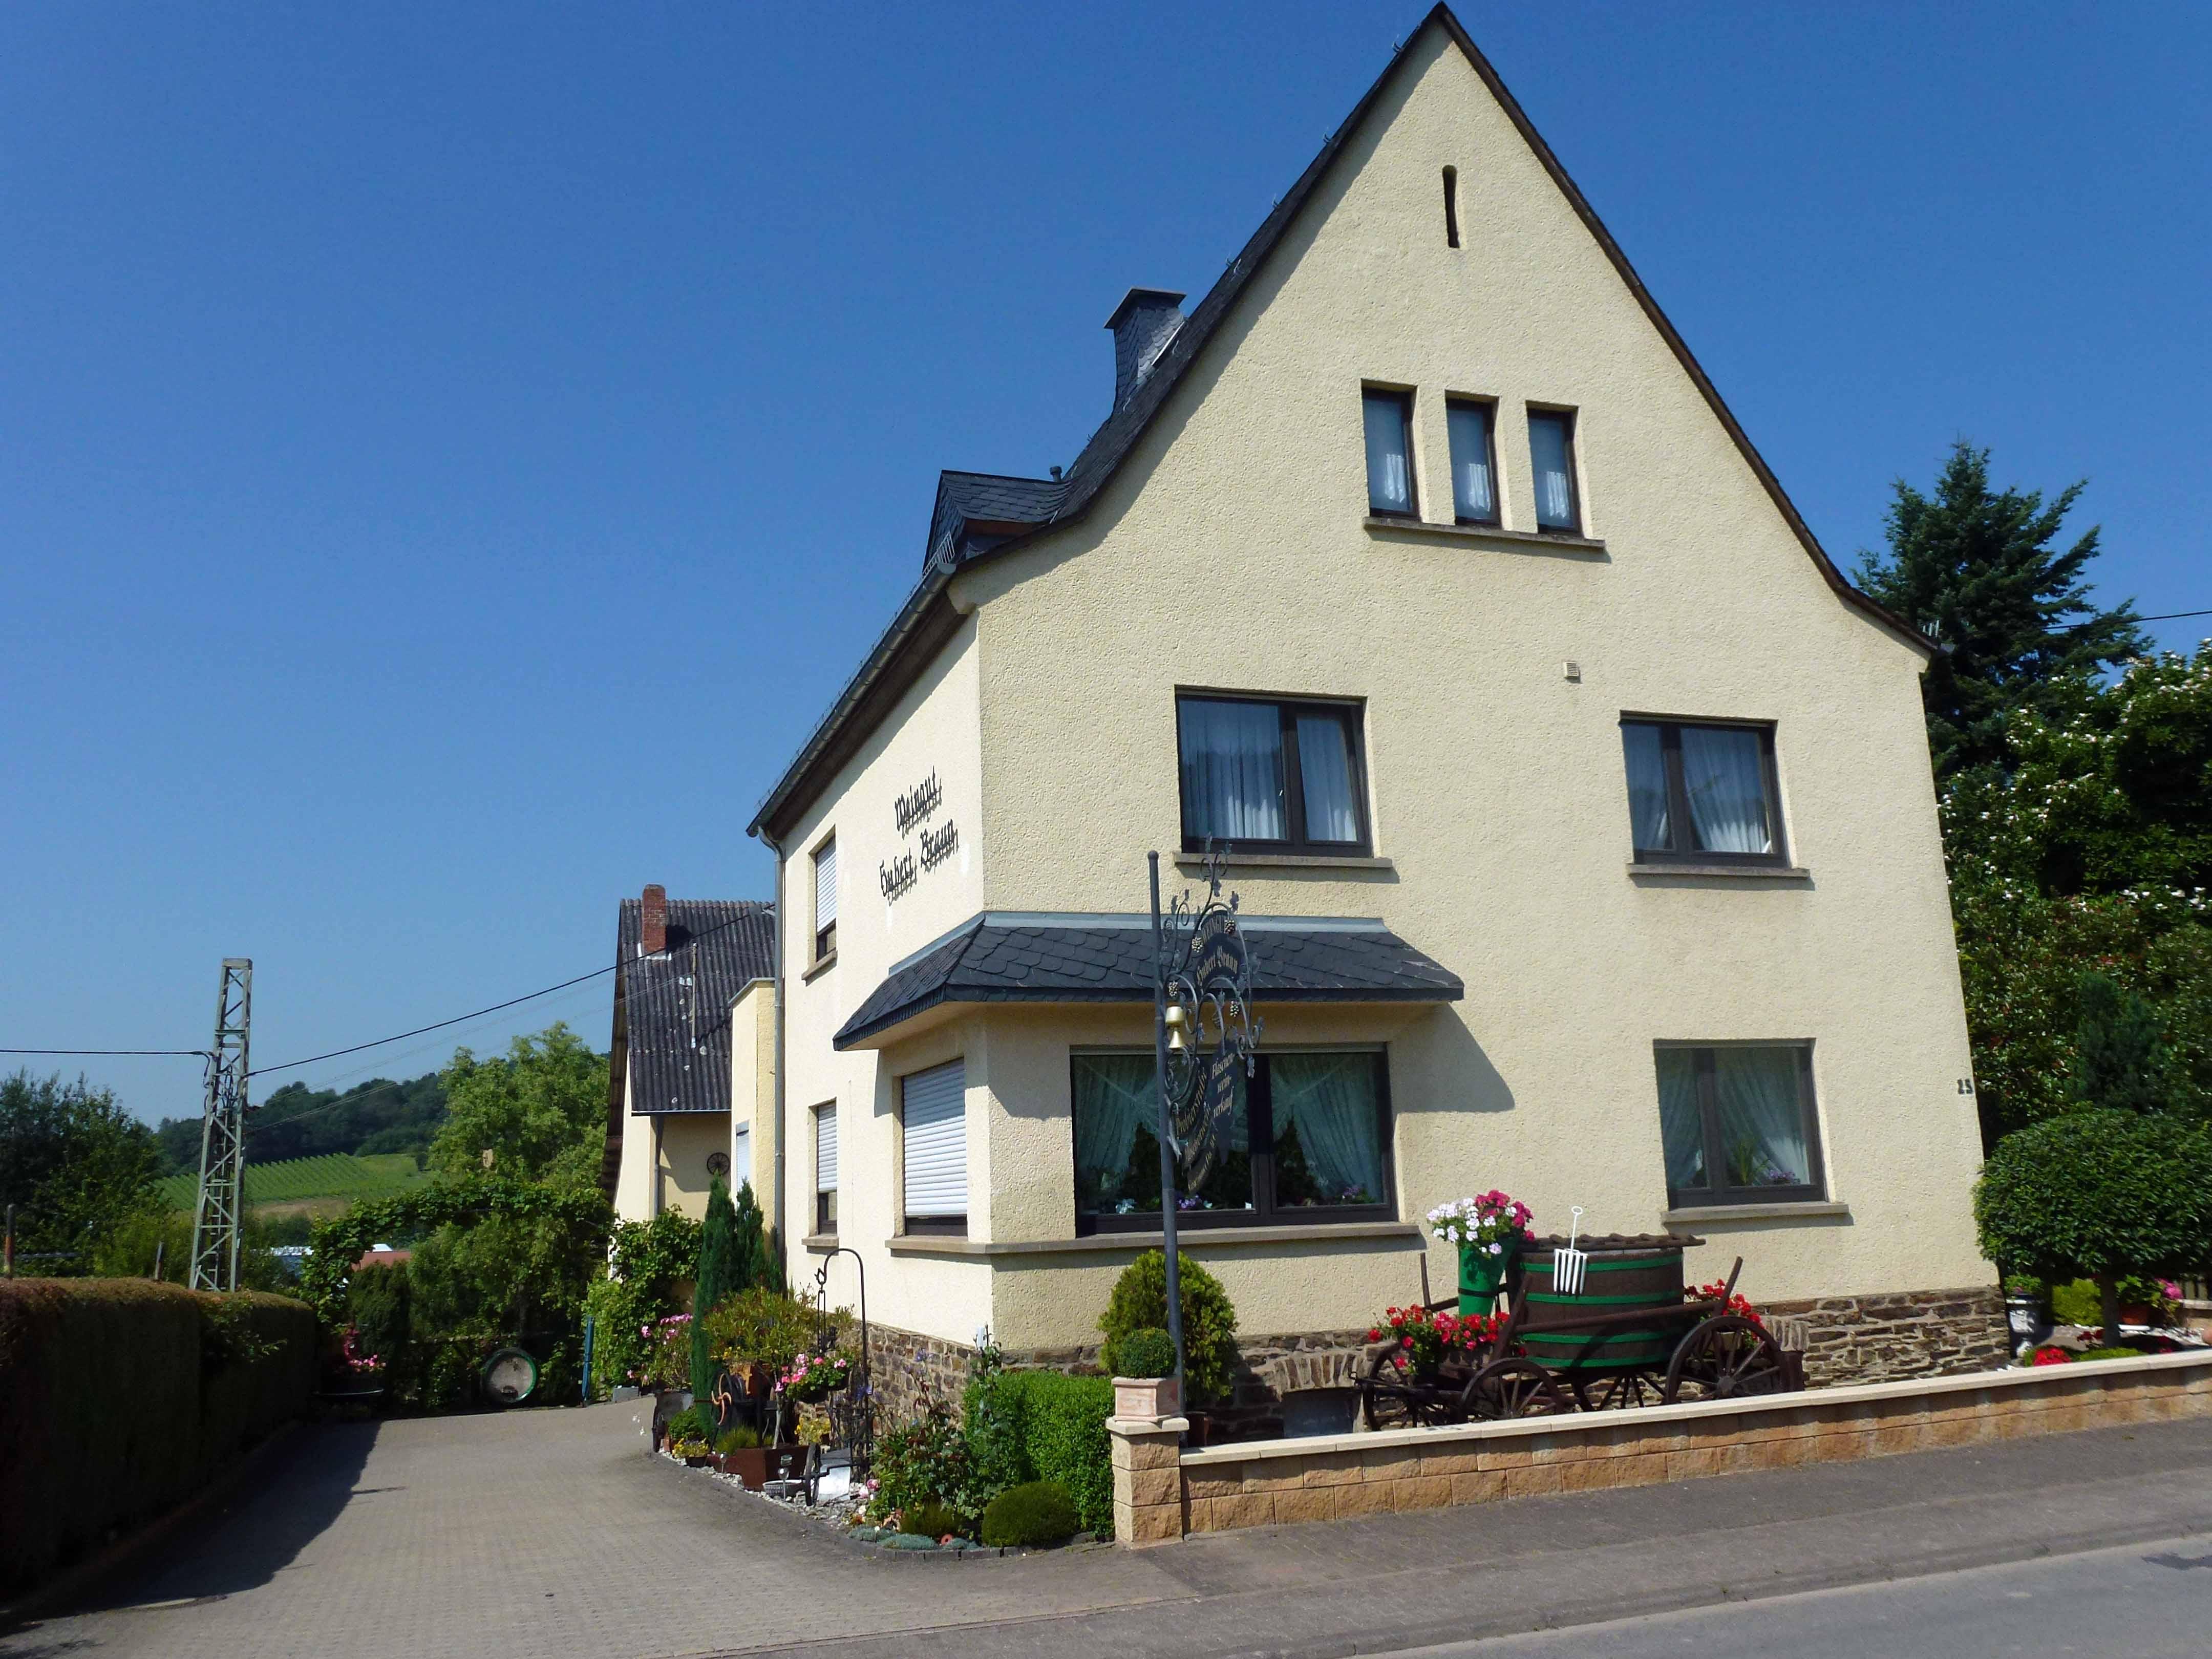 Wohnmobil-Stellplätze   Weinort Osann-Monzel an der Mosel